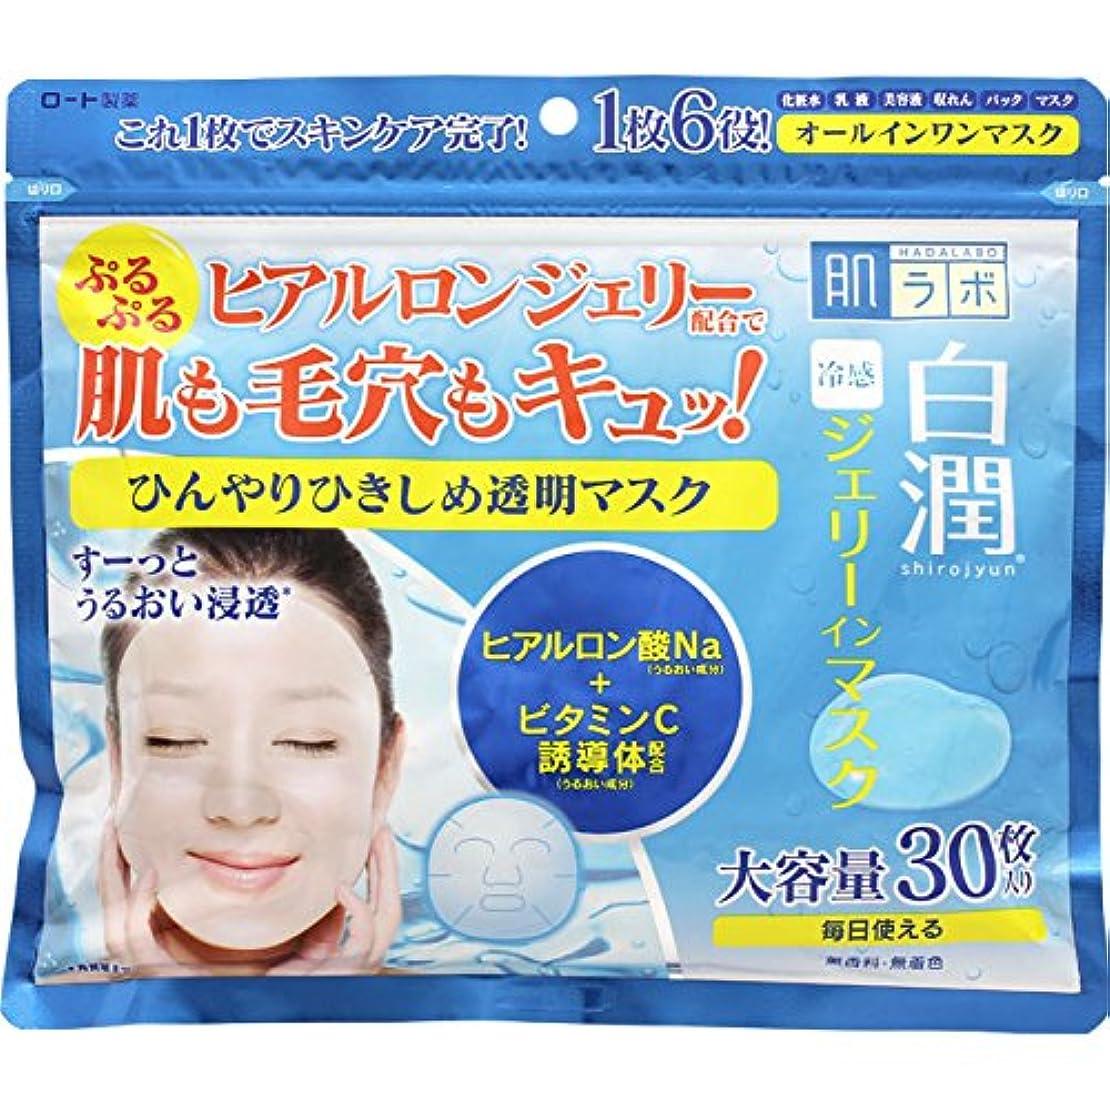 アリーナ休憩する趣味肌ラボ 白潤 冷感ジェリーインマスク 化粧水?乳液?美容液?収れん?パック?マスクの1枚6役 大容量30枚